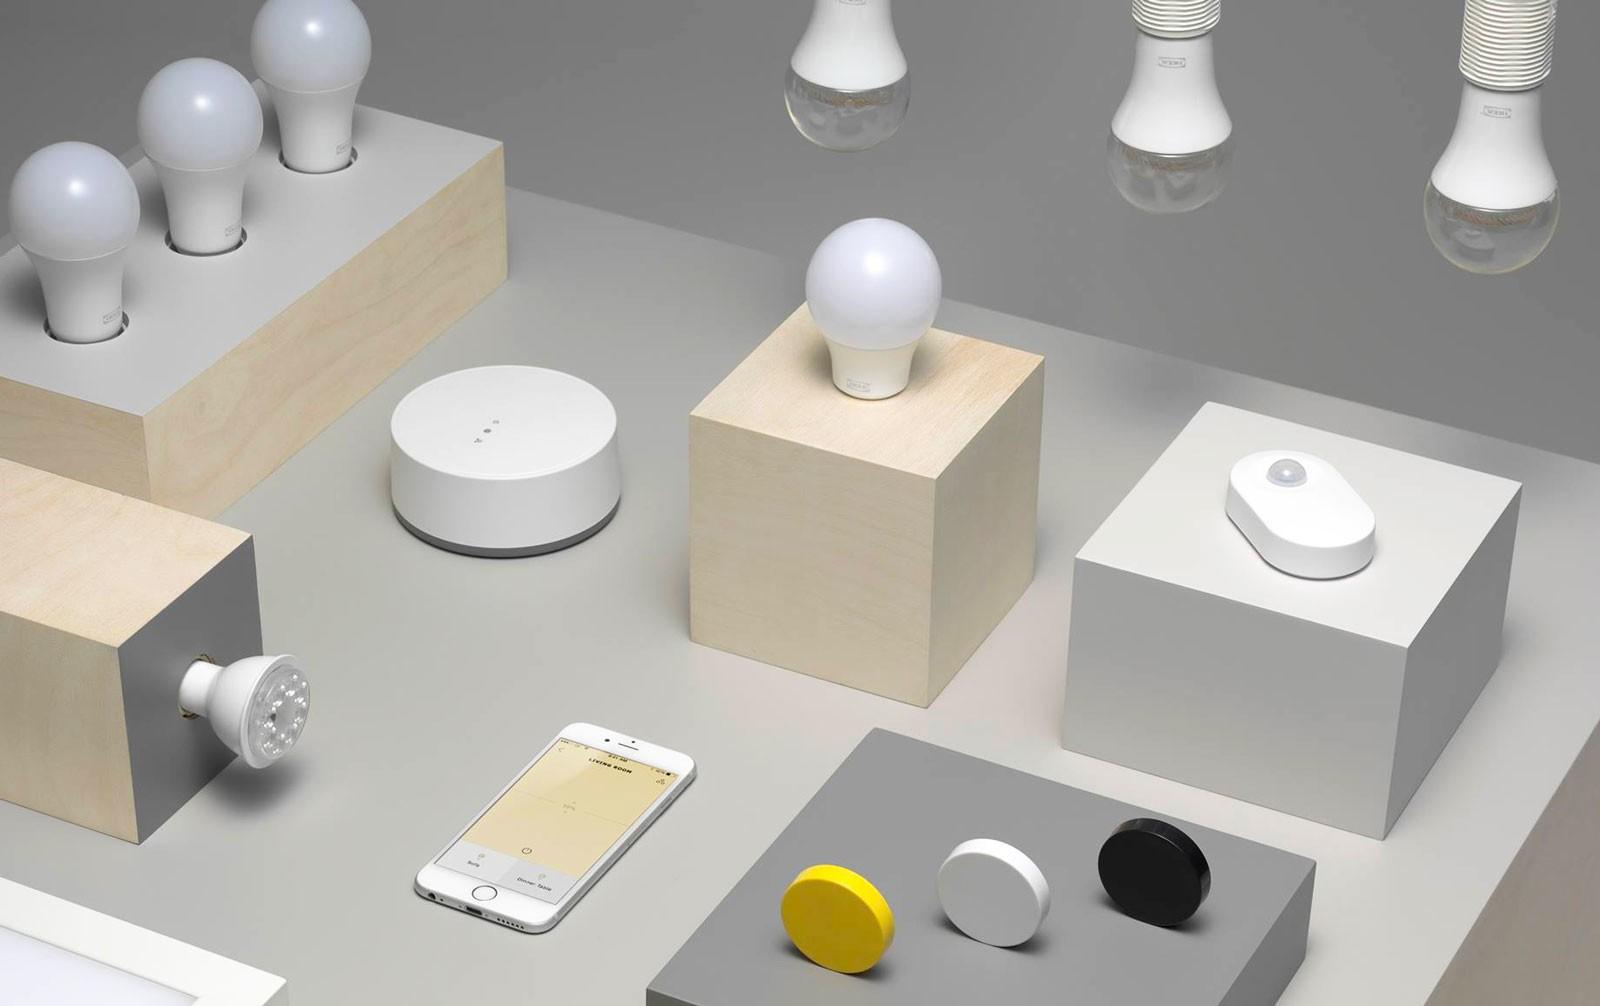 宜家智能灯获苹果HomeKit支持